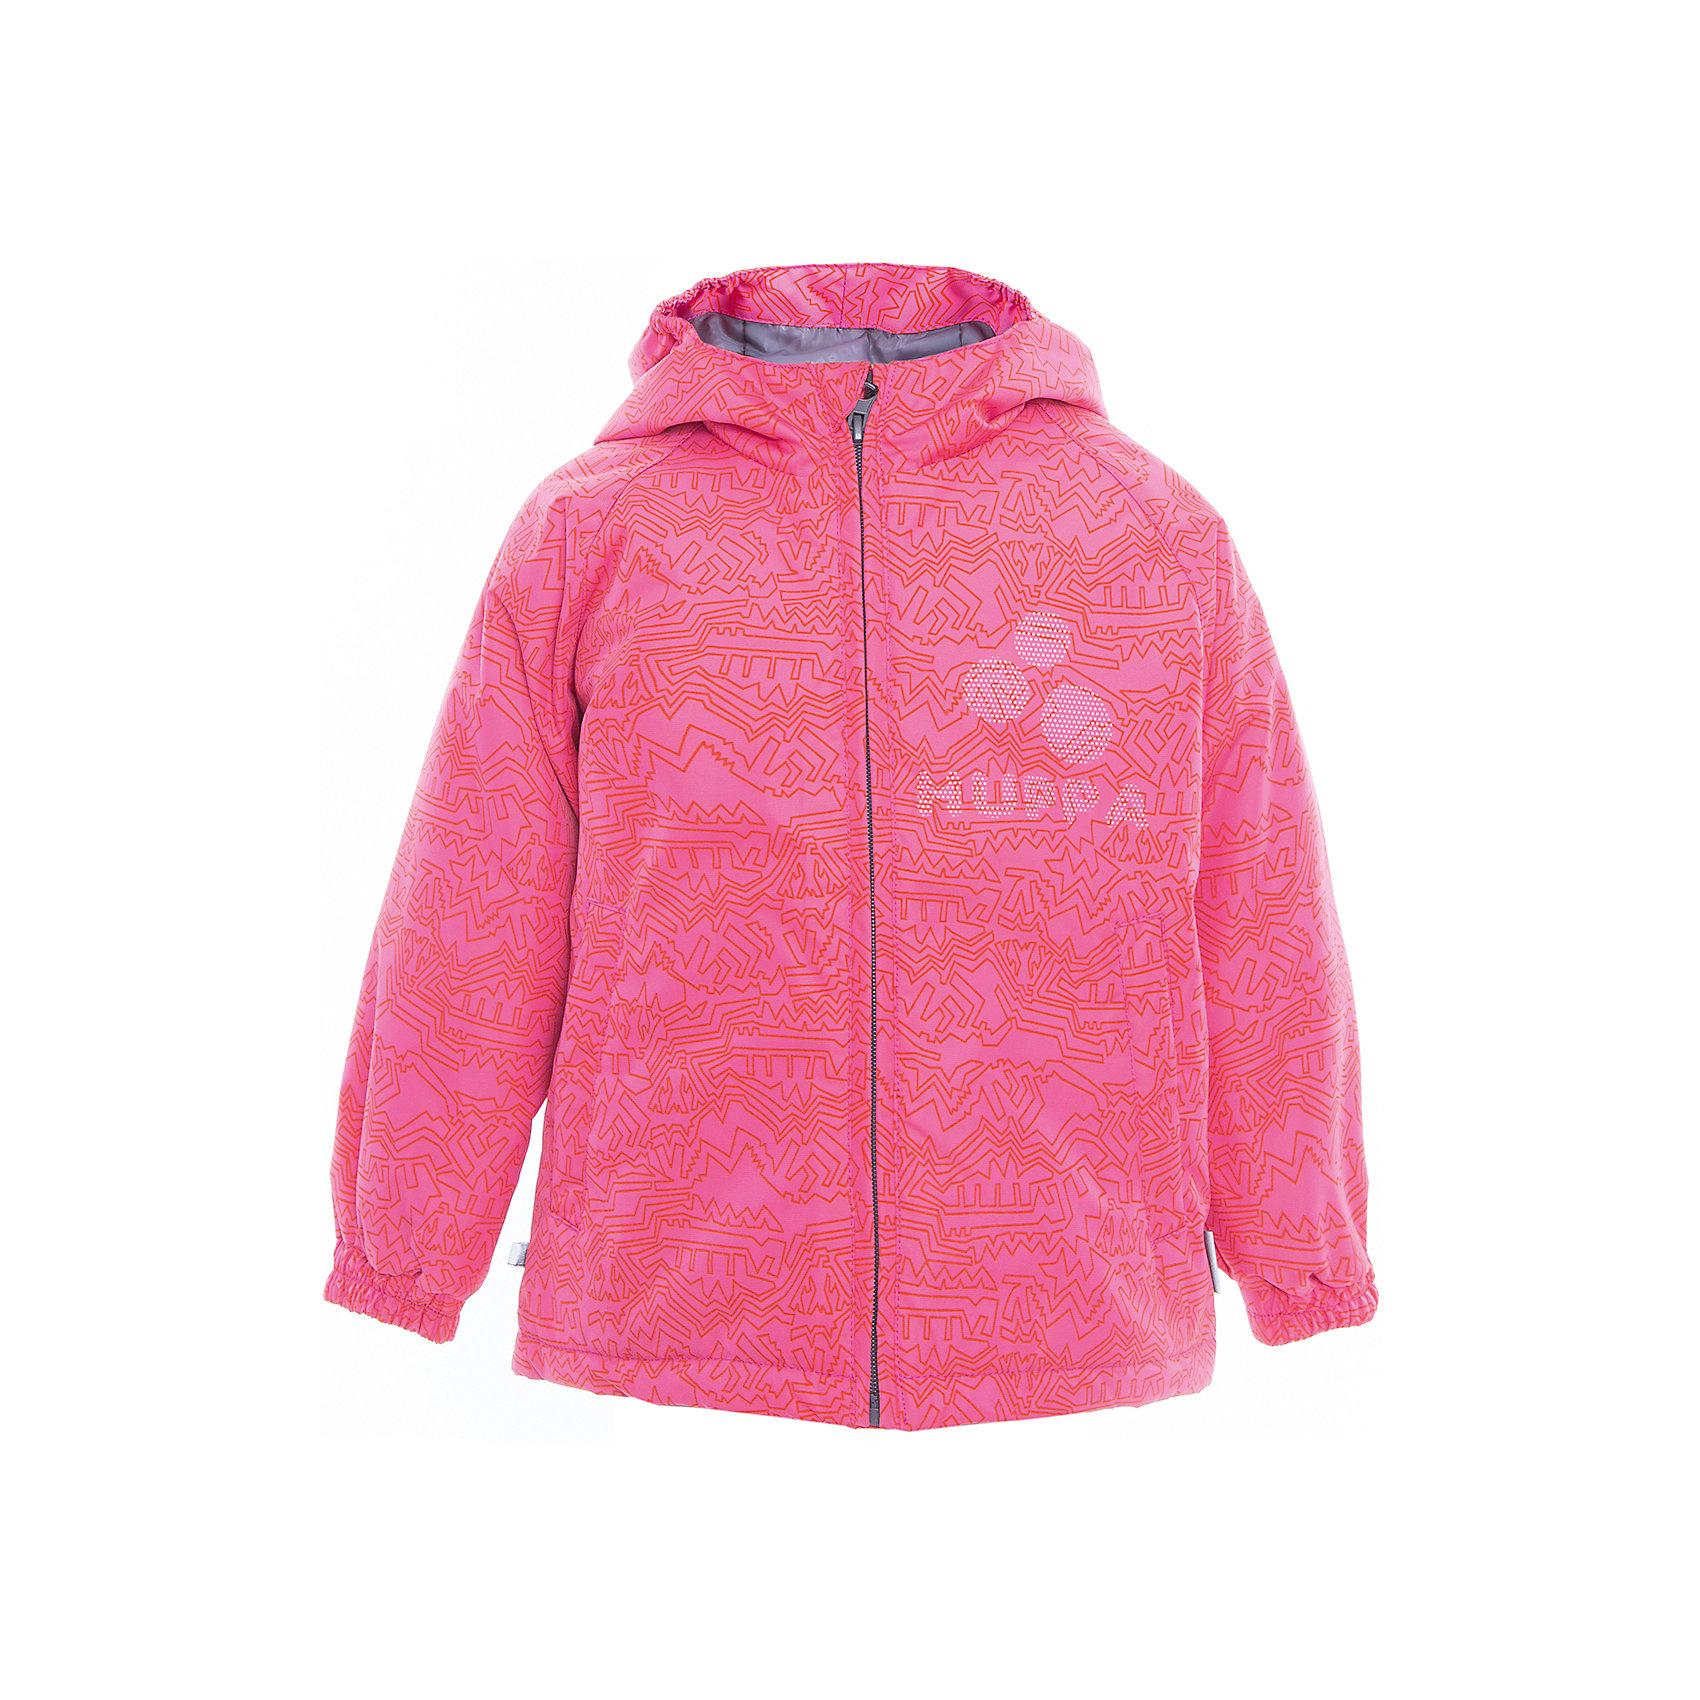 Куртка CLASSY для девочки HuppaВерхняя одежда<br>Характеристики товара:<br><br>• цвет: розовый<br>• ткань: 100% полиэстер<br>• подкладка: тафта - 100% полиэстер<br>• утеплитель: 100% полиэстер 100 г<br>• температурный режим: от -5°С до +10°С<br>• водонепроницаемость: 10000 мм<br>• воздухопроницаемость: 10000 мм<br>• светоотражающие детали<br>• эластичные манжеты<br>• молния<br>• капюшон с резинкой<br>• капюшон не отстёгивается<br>• карманы<br>• комфортная посадка<br>• коллекция: весна-лето 2017<br>• страна бренда: Эстония<br><br>Эта стильная куртка обеспечит детям тепло и комфорт. Она сделана из материала, отталкивающего воду, и дополнено подкладкой с утеплителем, поэтому изделие идеально подходит для межсезонья. Материал изделия - с мембранной технологией: защищая от влаги и ветра, он легко выводит лишнюю влагу наружу. Для удобства сделан капюшон. Куртка очень симпатично смотрится, яркая расцветка и крой добавляют ему оригинальности. Модель была разработана специально для детей.<br><br>Одежда и обувь от популярного эстонского бренда Huppa - отличный вариант одеть ребенка можно и комфортно. Вещи, выпускаемые компанией, качественные, продуманные и очень удобные. Для производства изделий используются только безопасные для детей материалы. Продукция от Huppa порадует и детей, и их родителей!<br><br>Куртку CLASSY от бренда Huppa (Хуппа) можно купить в нашем интернет-магазине.<br><br>Ширина мм: 356<br>Глубина мм: 10<br>Высота мм: 245<br>Вес г: 519<br>Цвет: розовый<br>Возраст от месяцев: 120<br>Возраст до месяцев: 132<br>Пол: Женский<br>Возраст: Детский<br>Размер: 146,152,92,98,104,110,116,122,128,134,140<br>SKU: 5347110